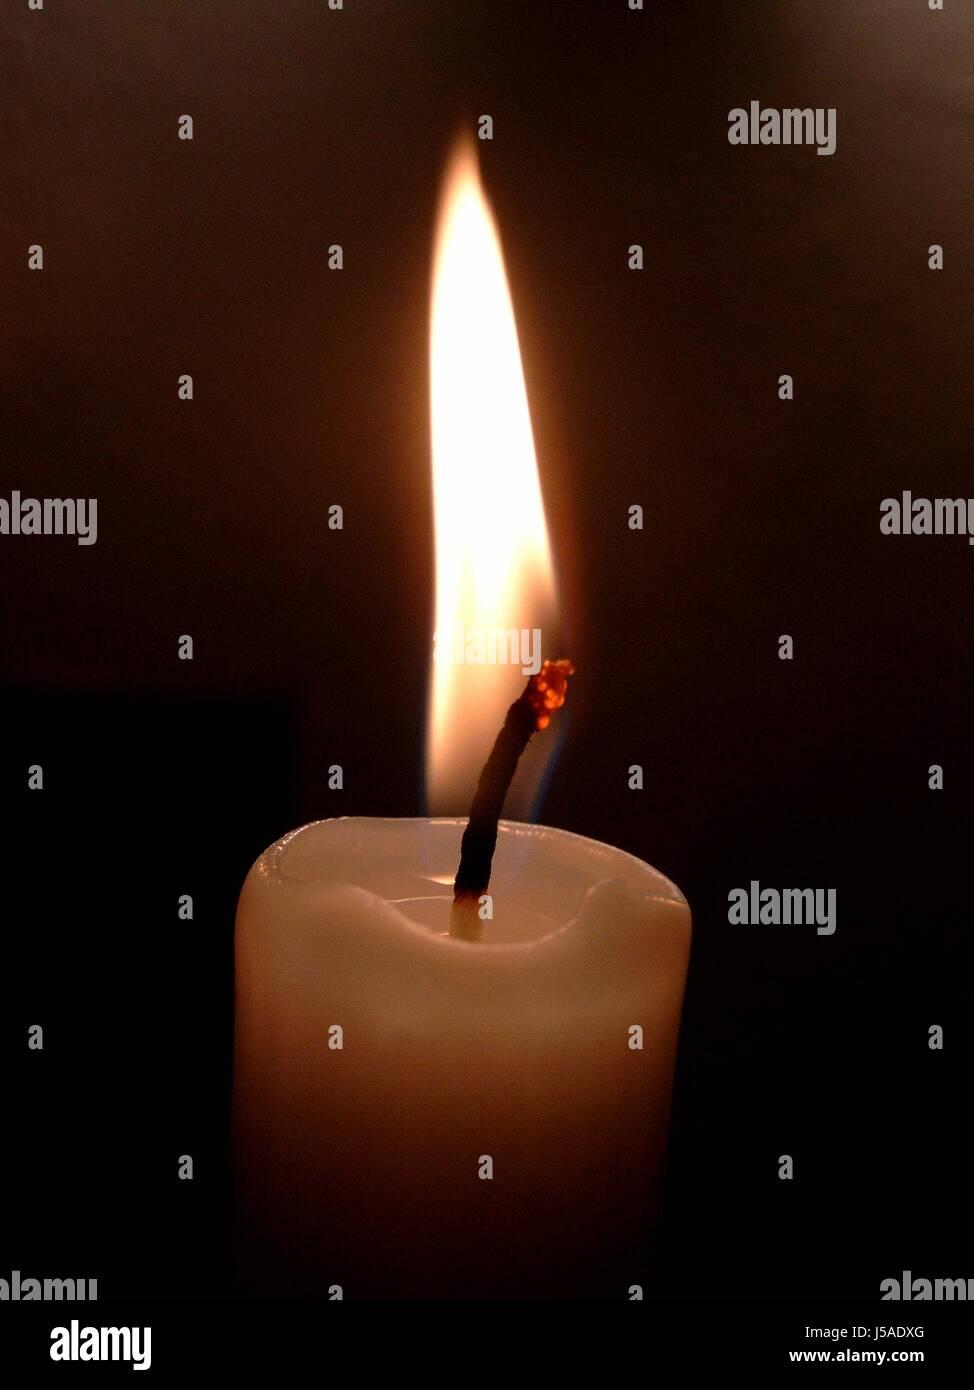 candela 01 - Stock Image